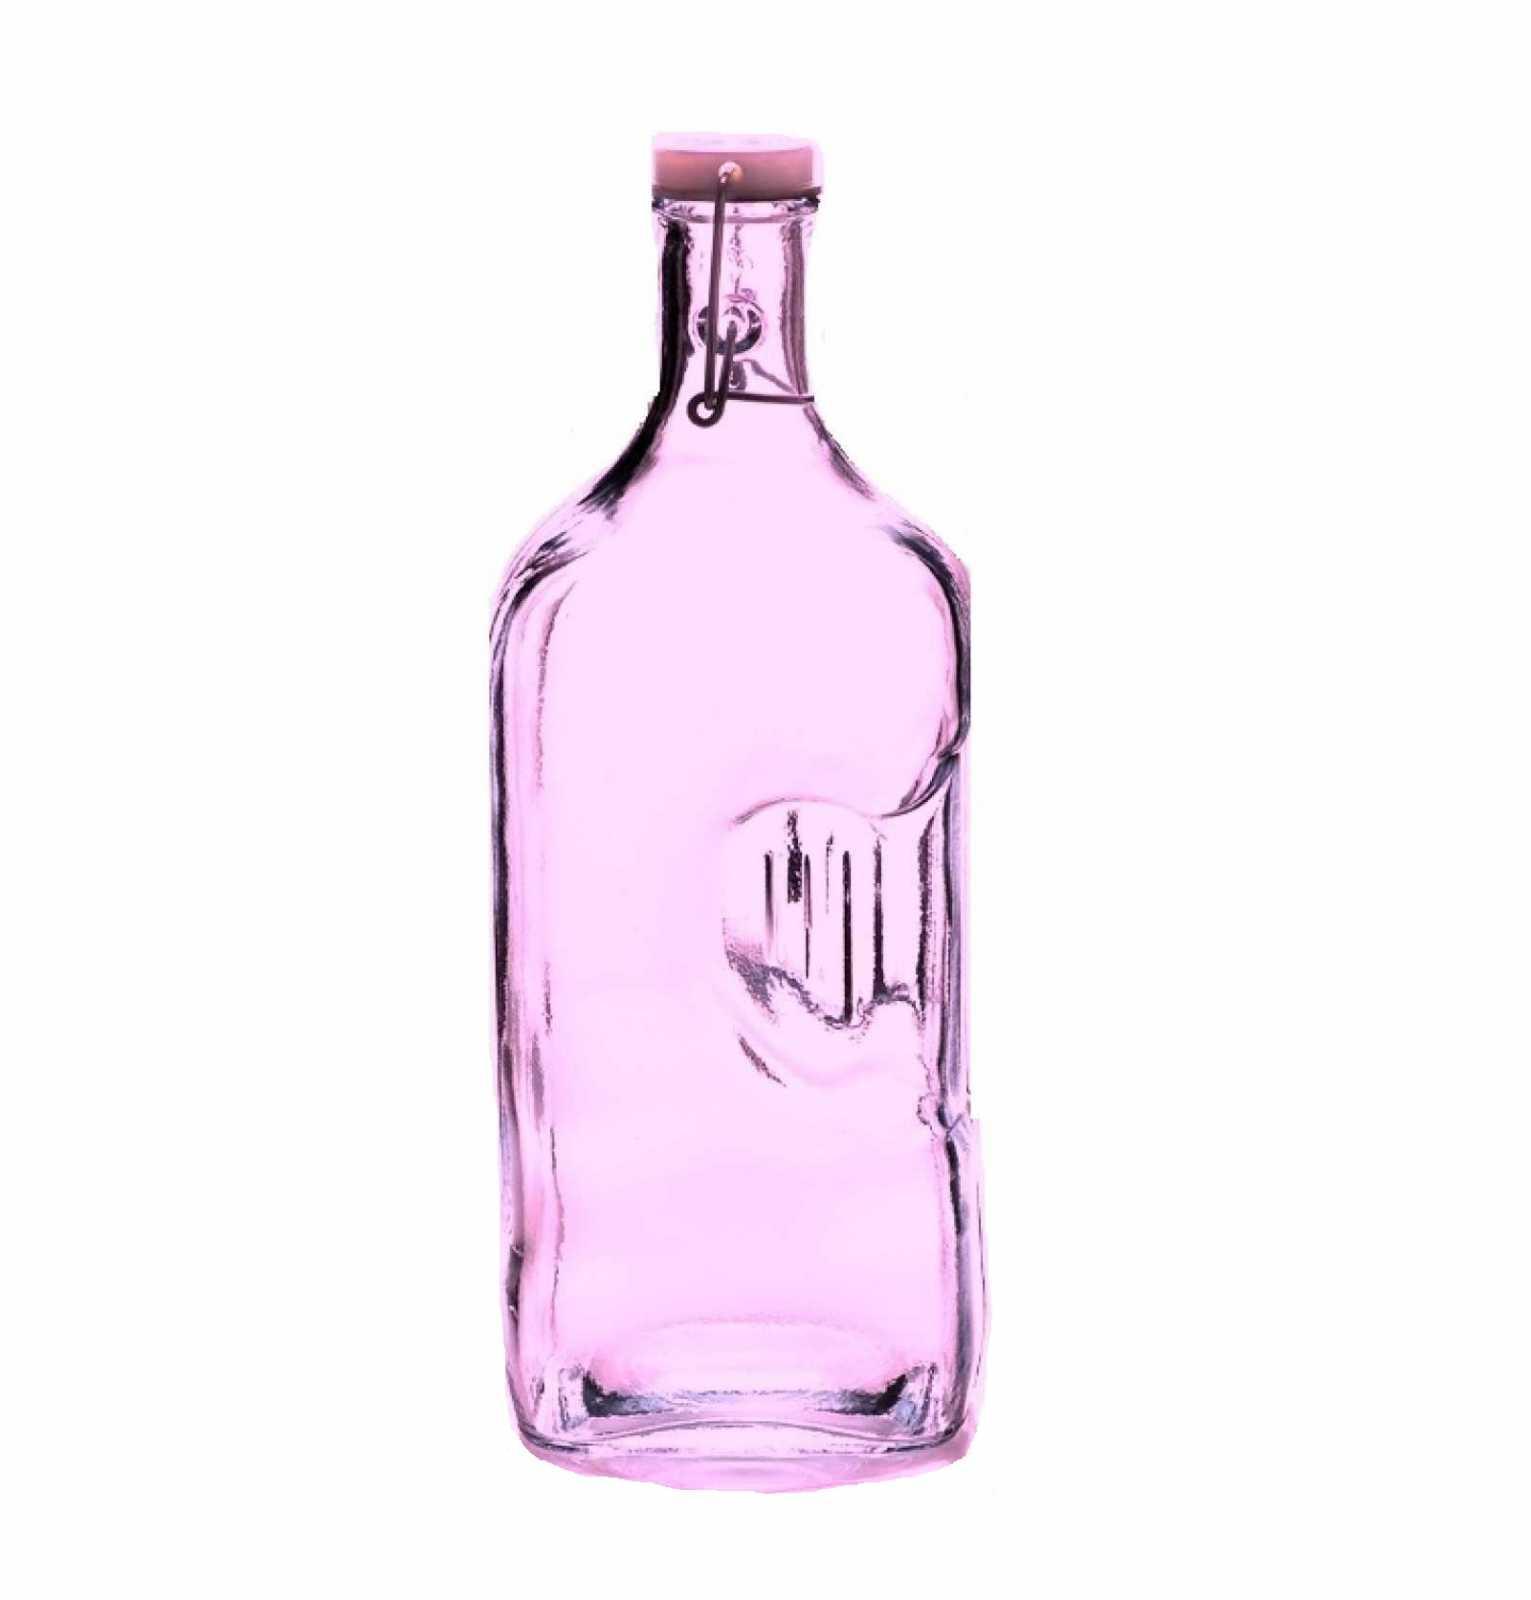 Онлайн каталог PROMENU: Бутылка с пробкой San Miguel FUNCTIONAL, объем 2 л, фиолетовый прозрачный                               5729DB621